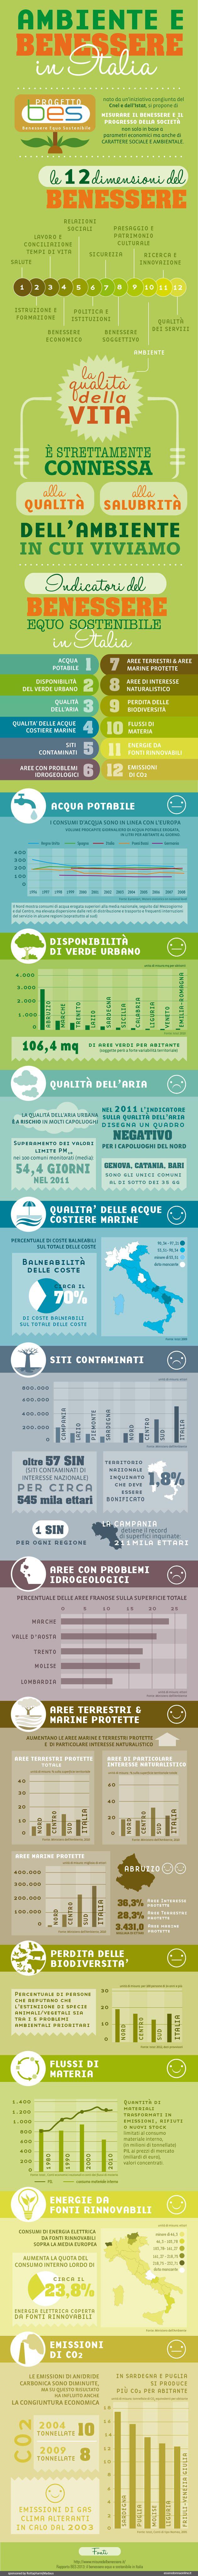 Ambiente e benessere in Italia - Esseredonnaonline